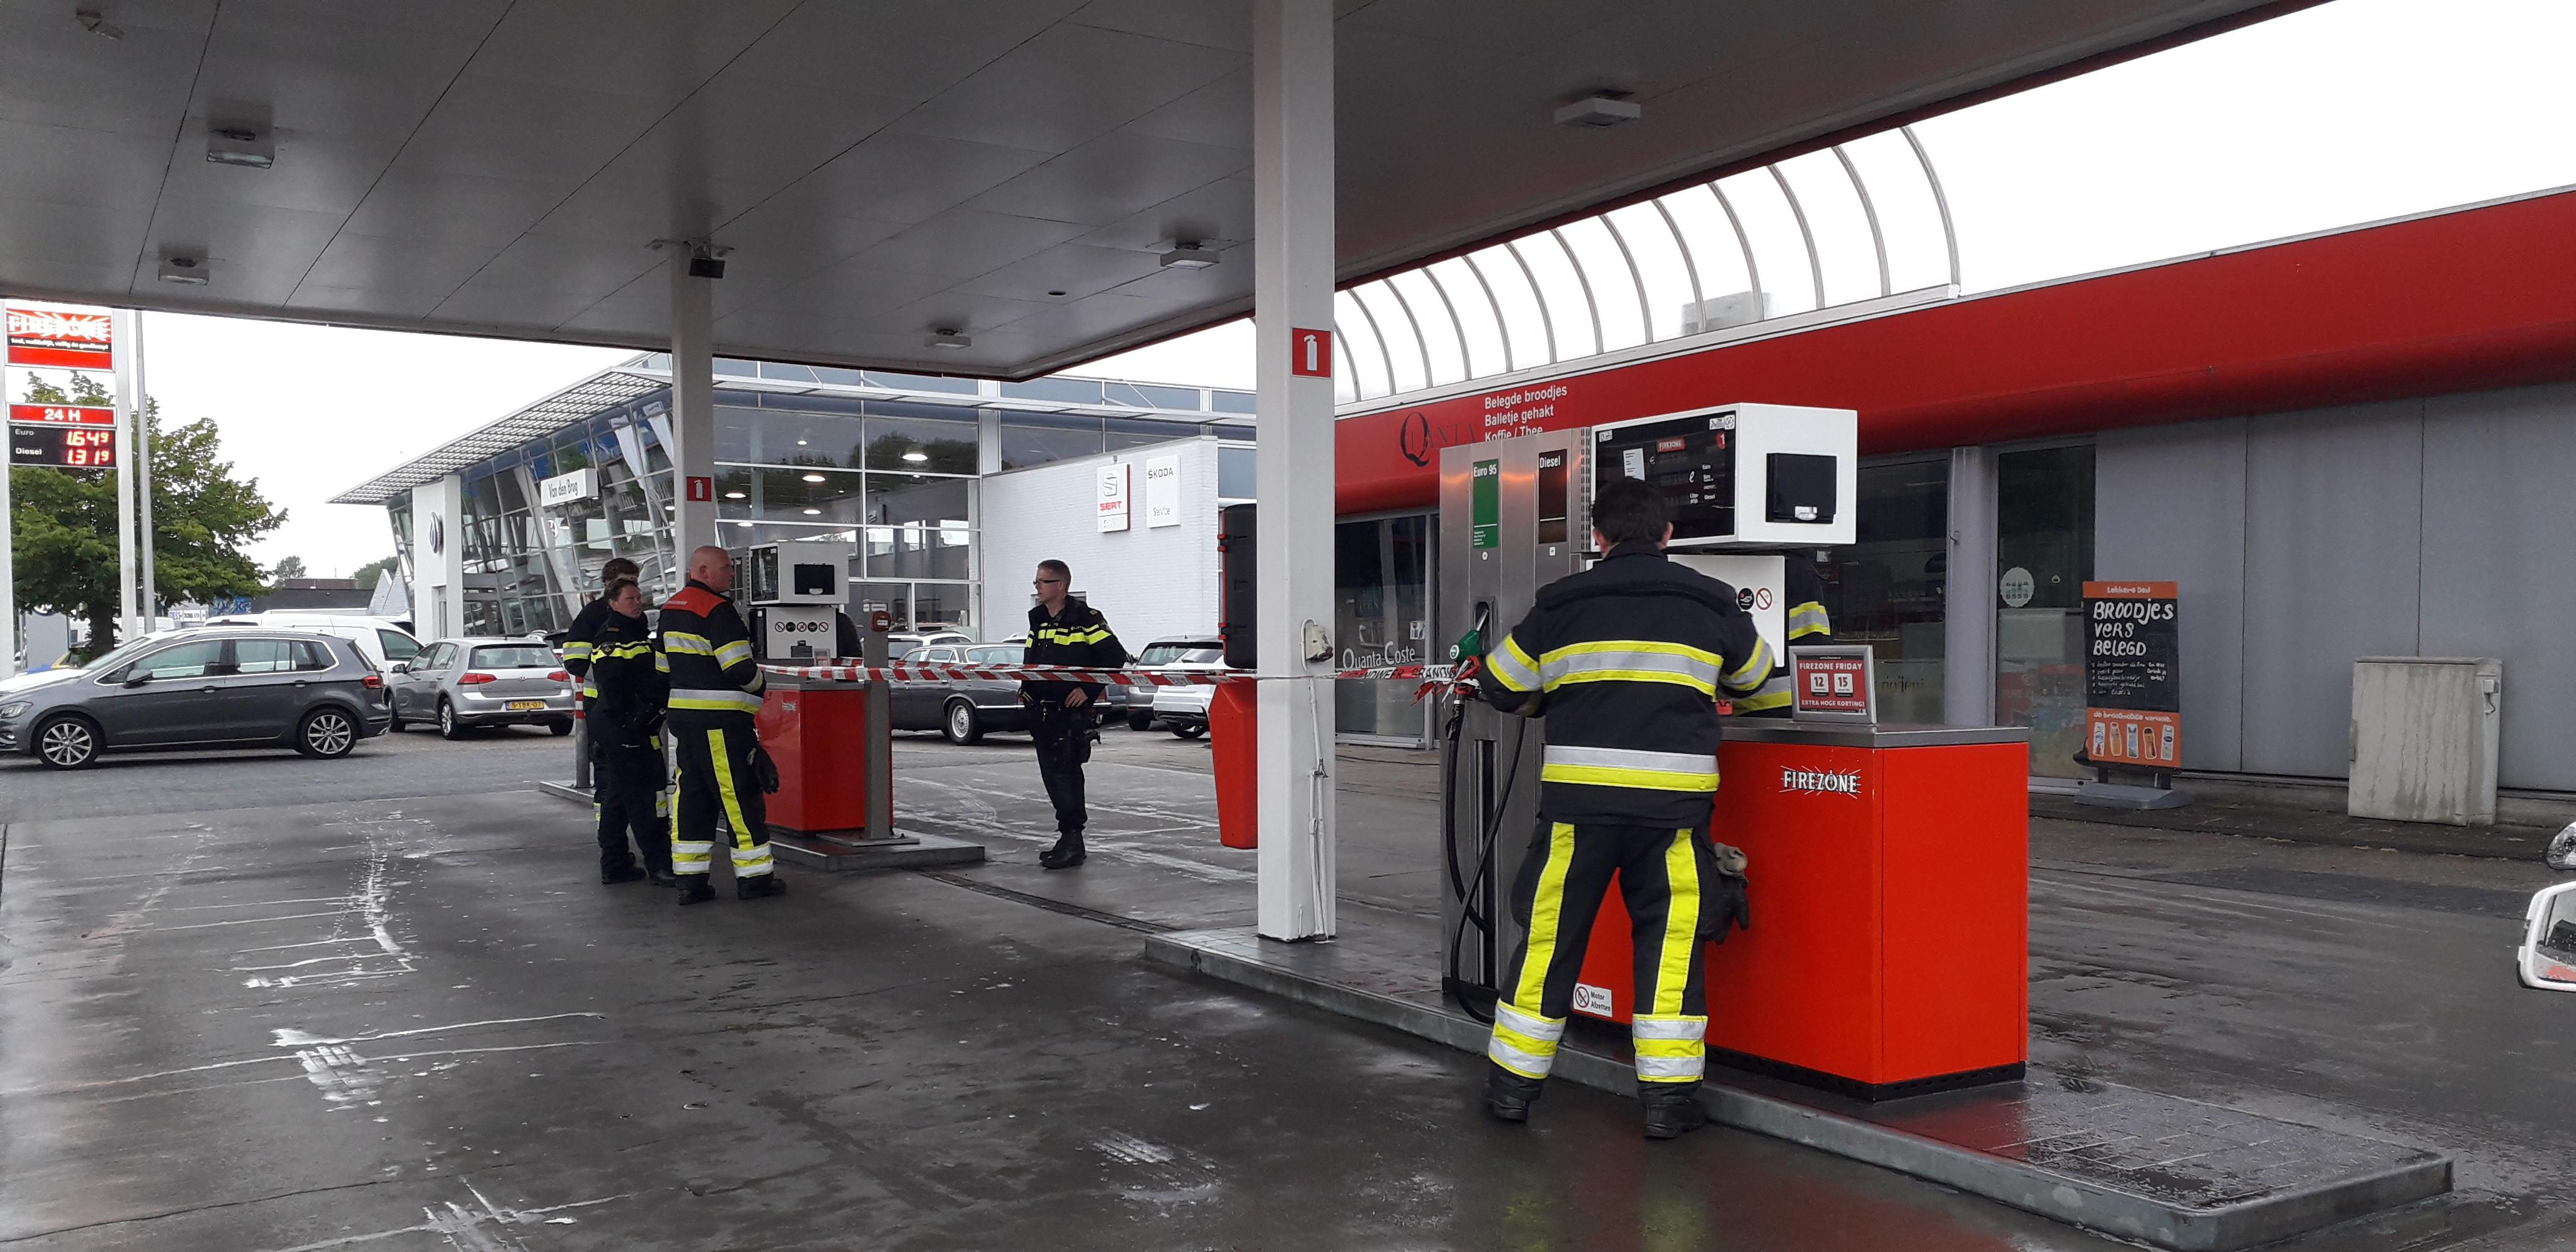 Tankstation afgesloten wegens brandstoflekkage in Drachten